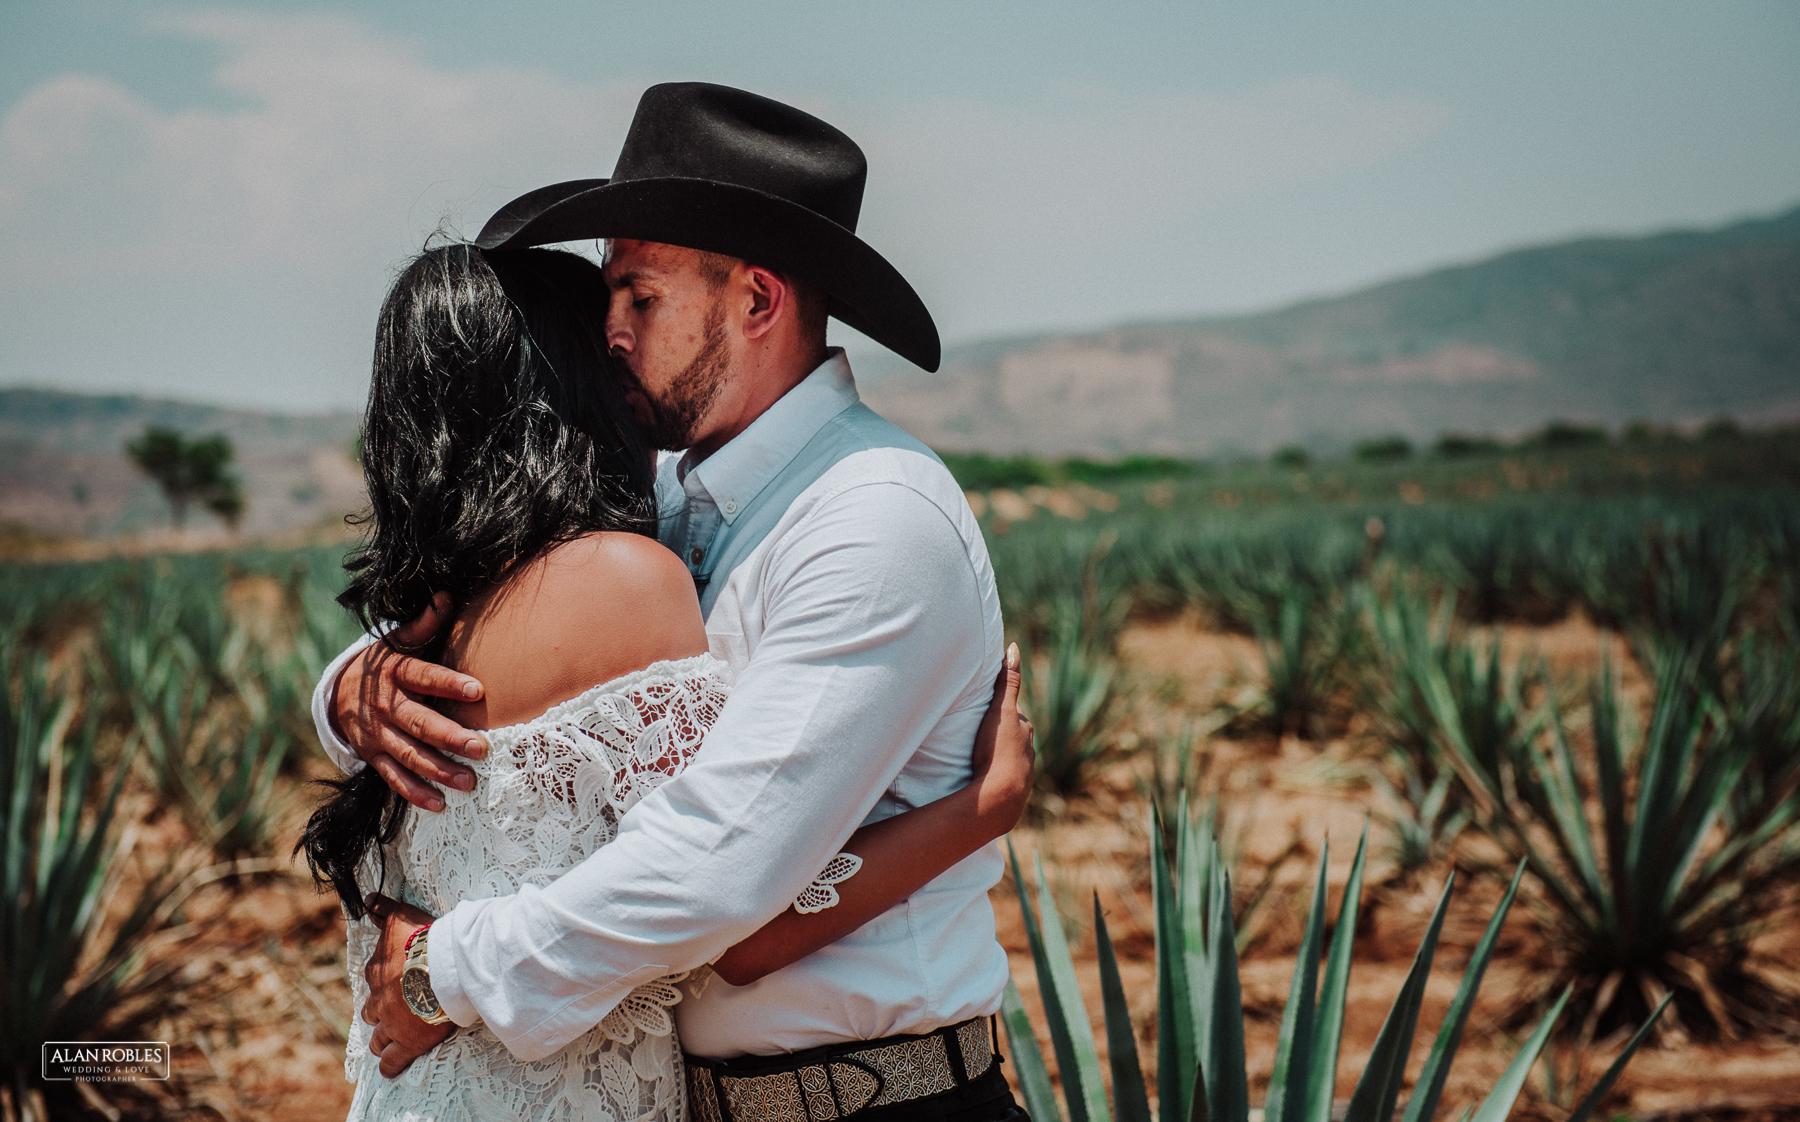 Fotografo de Bodas en Guadalajara Alan Robles - Preboda en Tequila Pueblo Magico